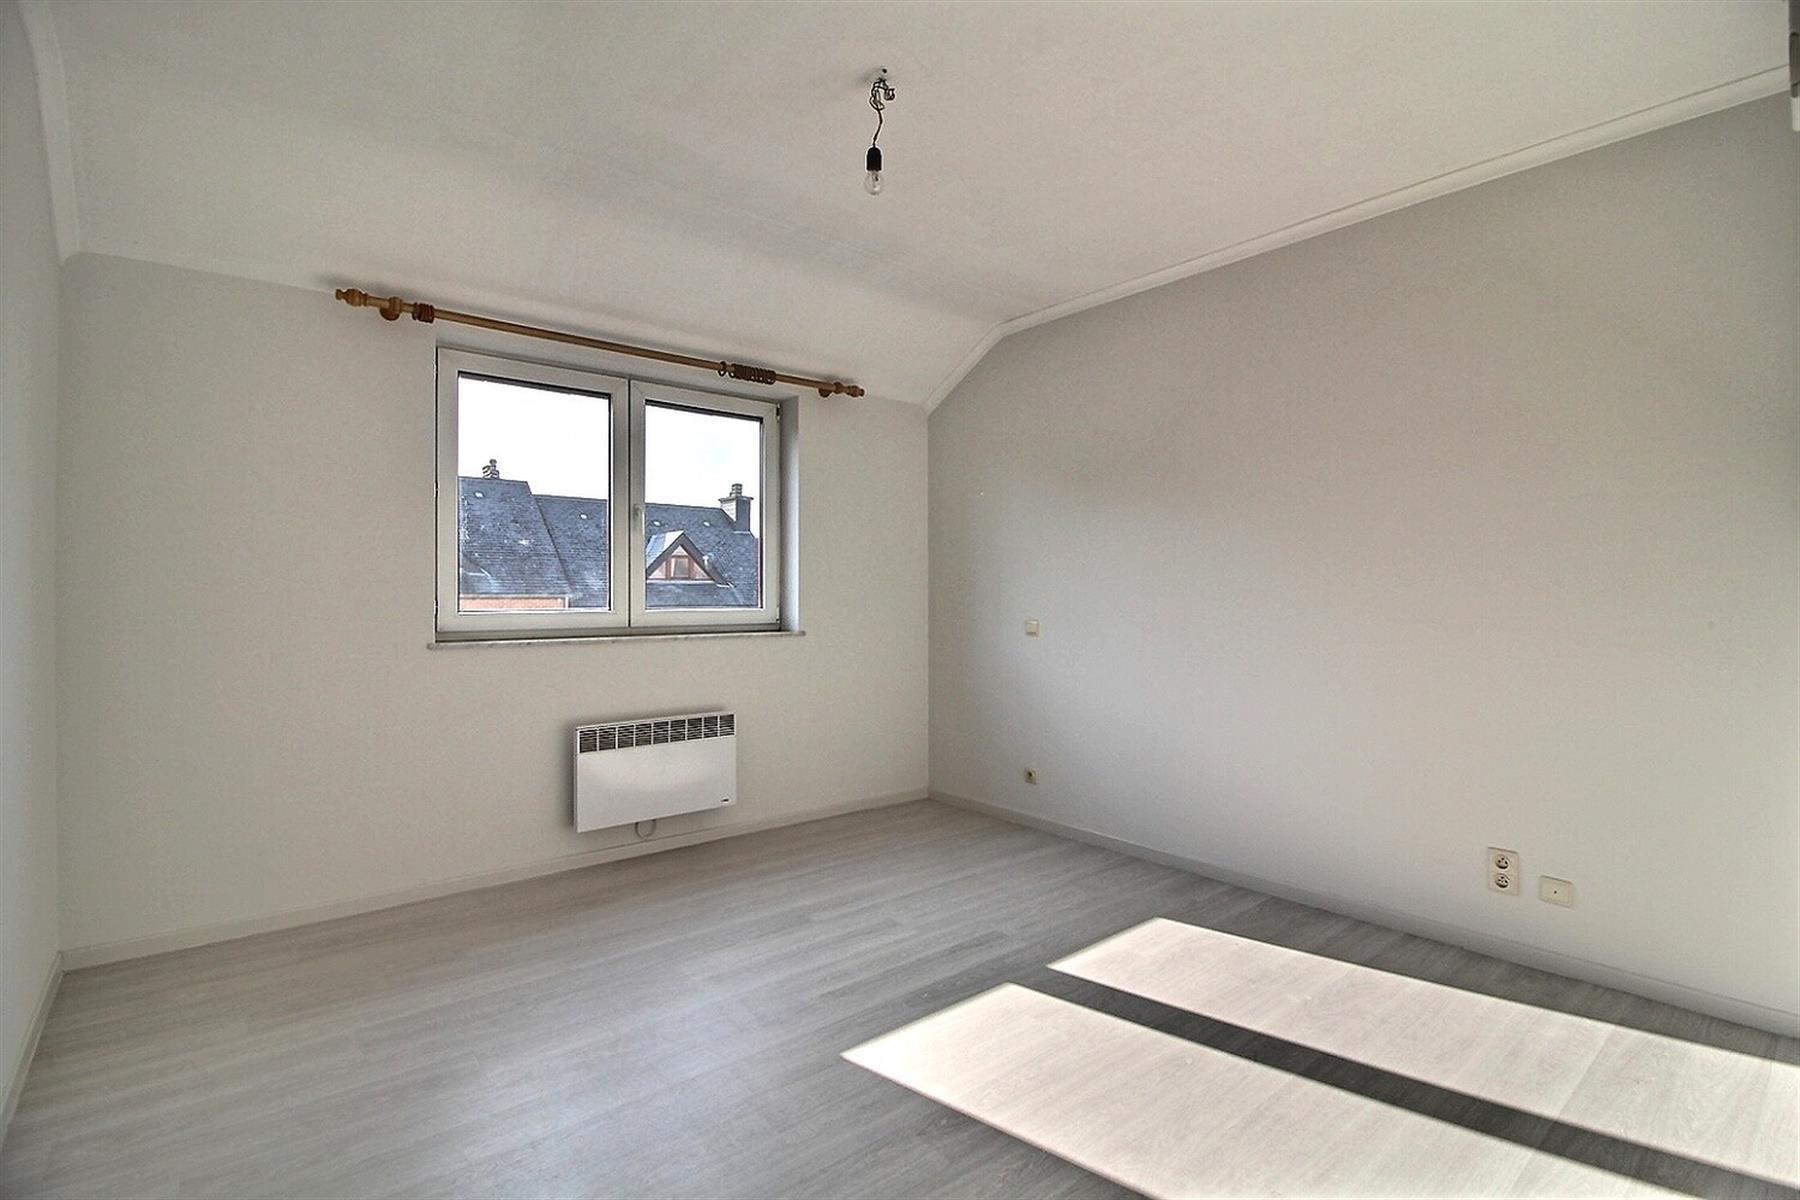 Appartement - Ottignies-Louvain-la-Neuve Louvain-la-Neuve - #4445203-5